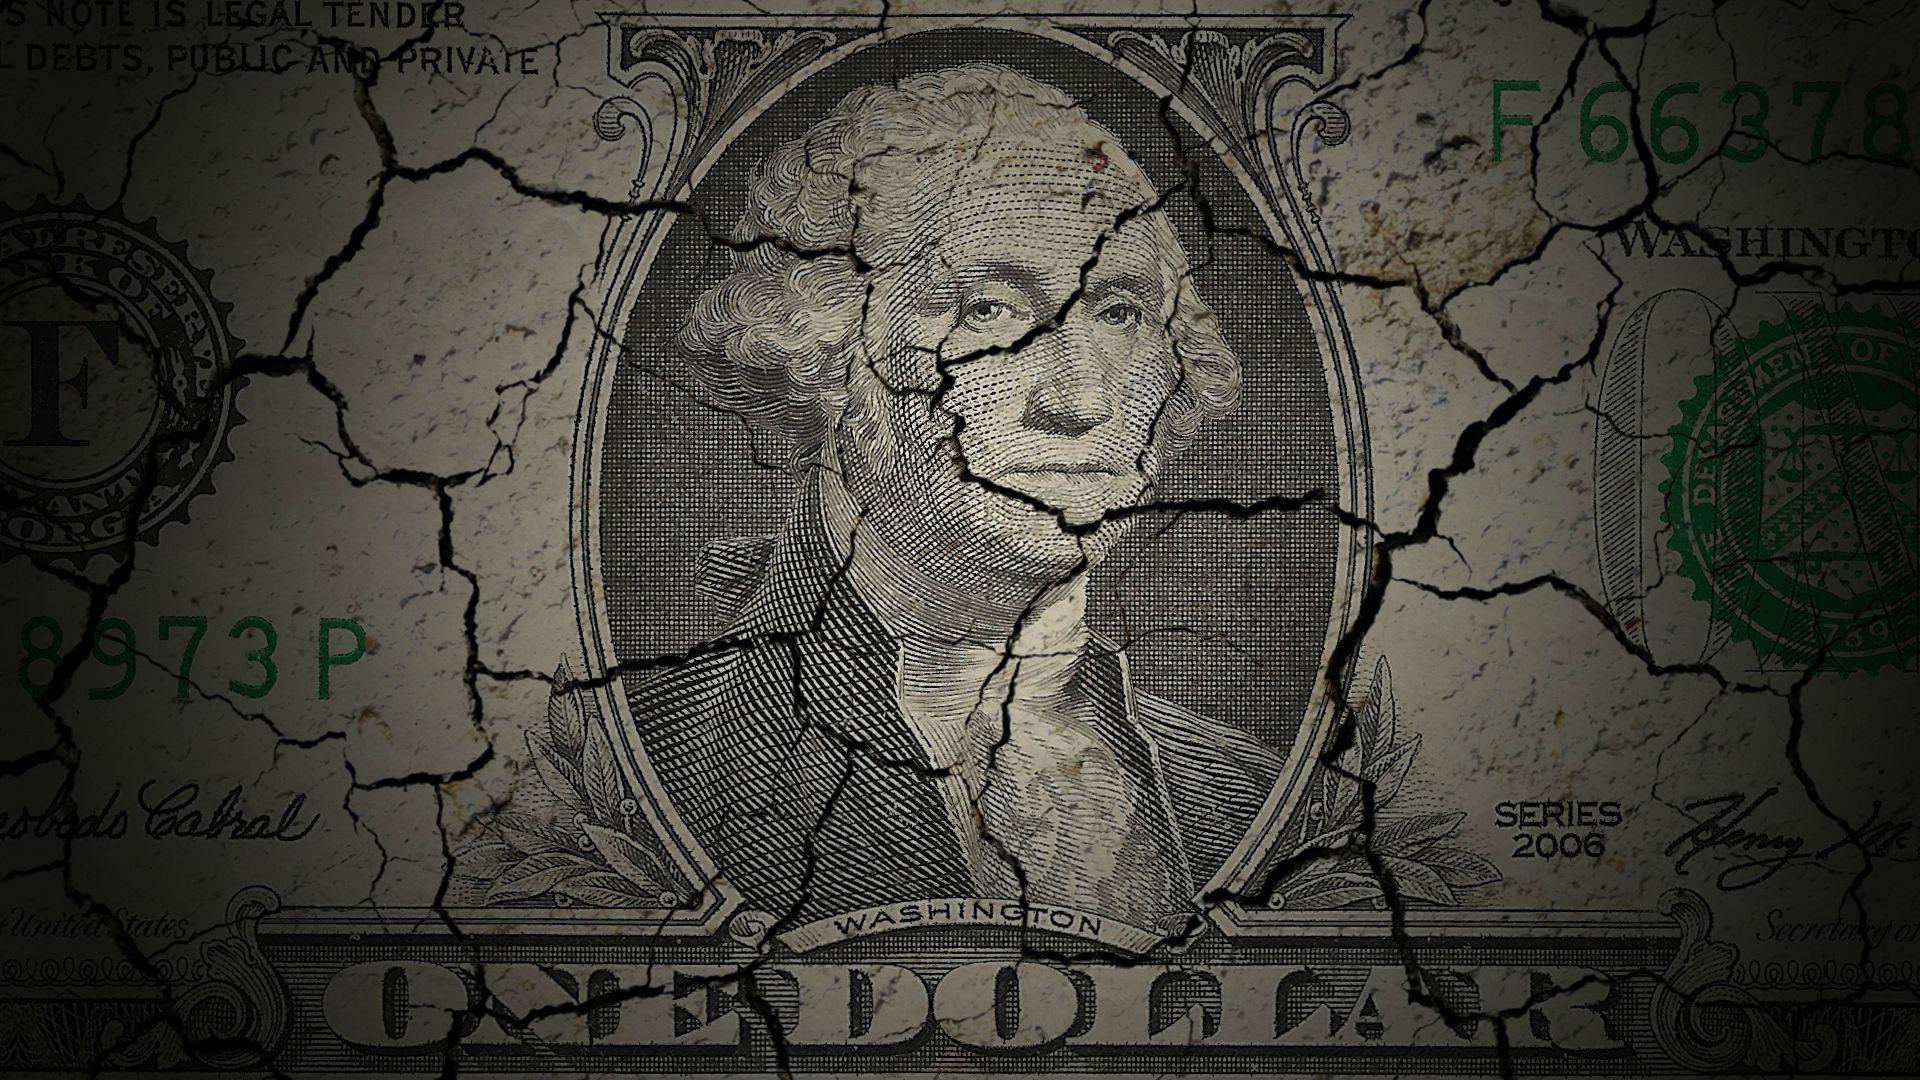 قرار رفع الفائدة الأمريكية وتأثيره على قوة الدولار